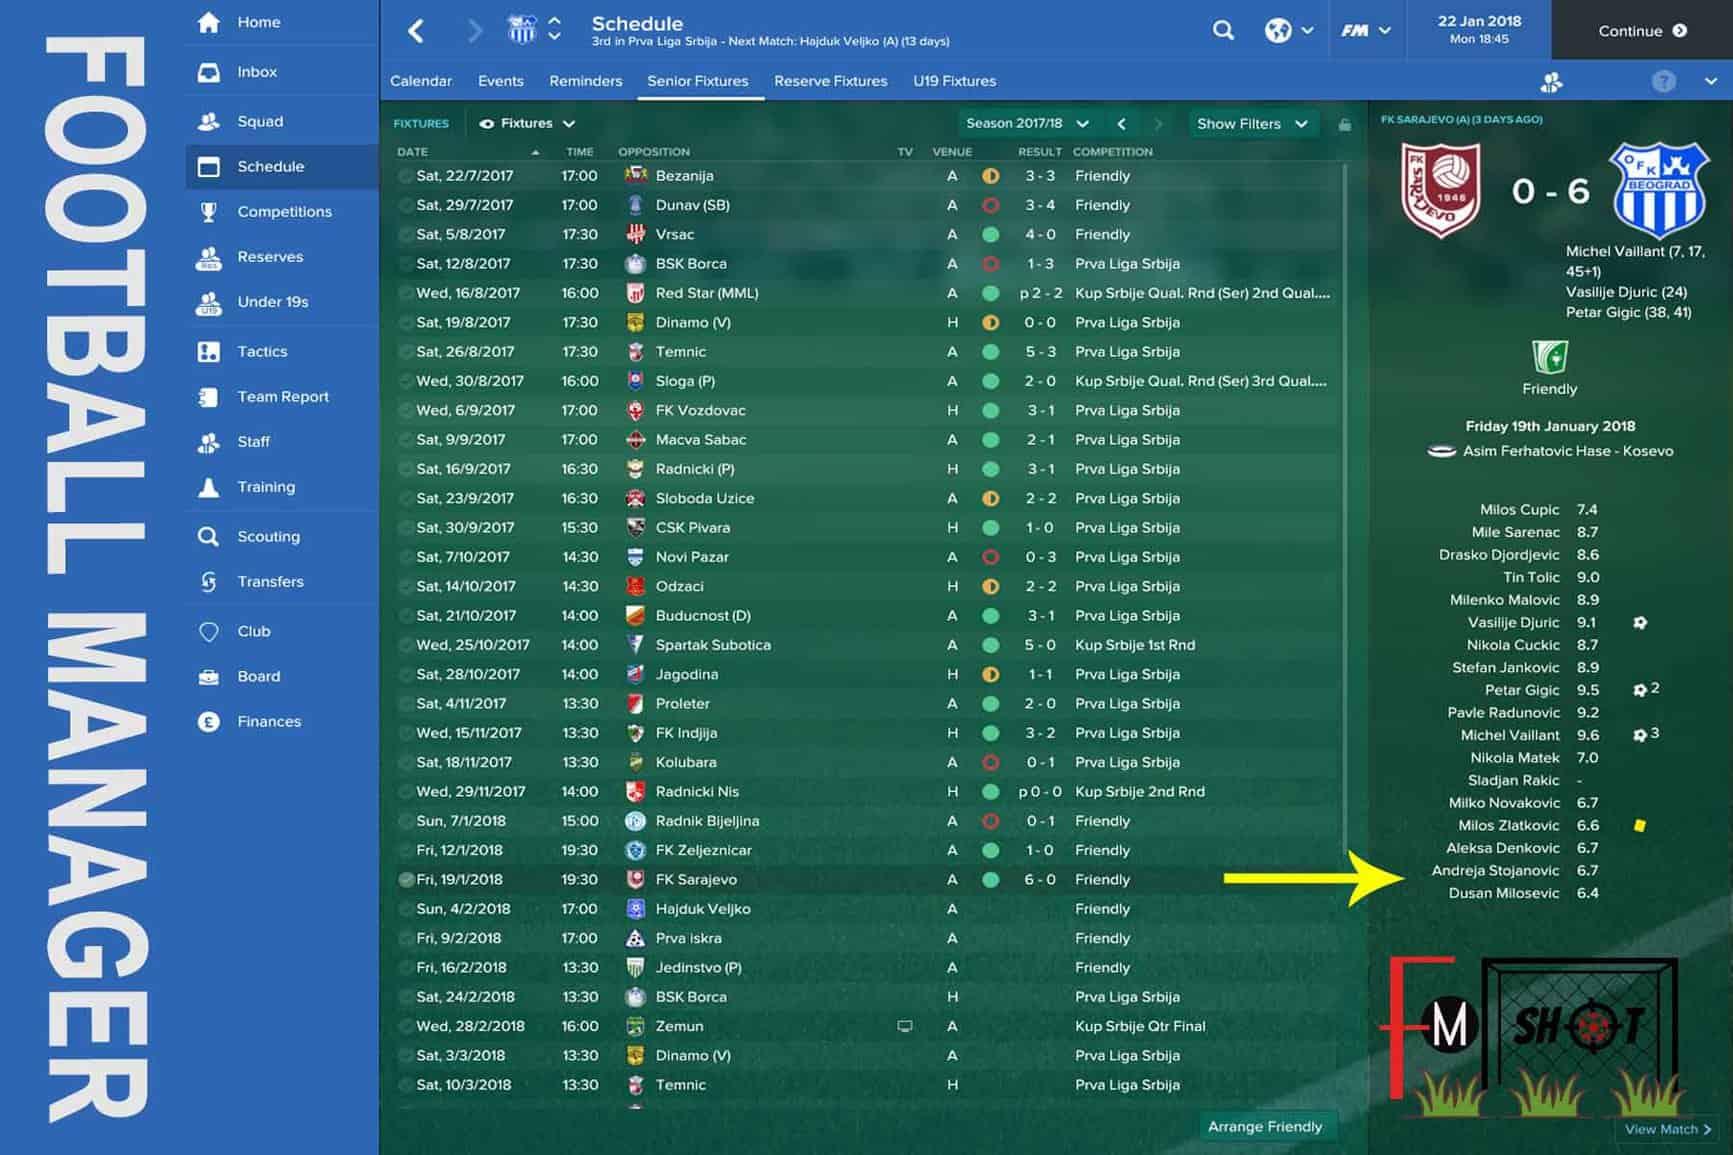 OFK Beograd Fixtures